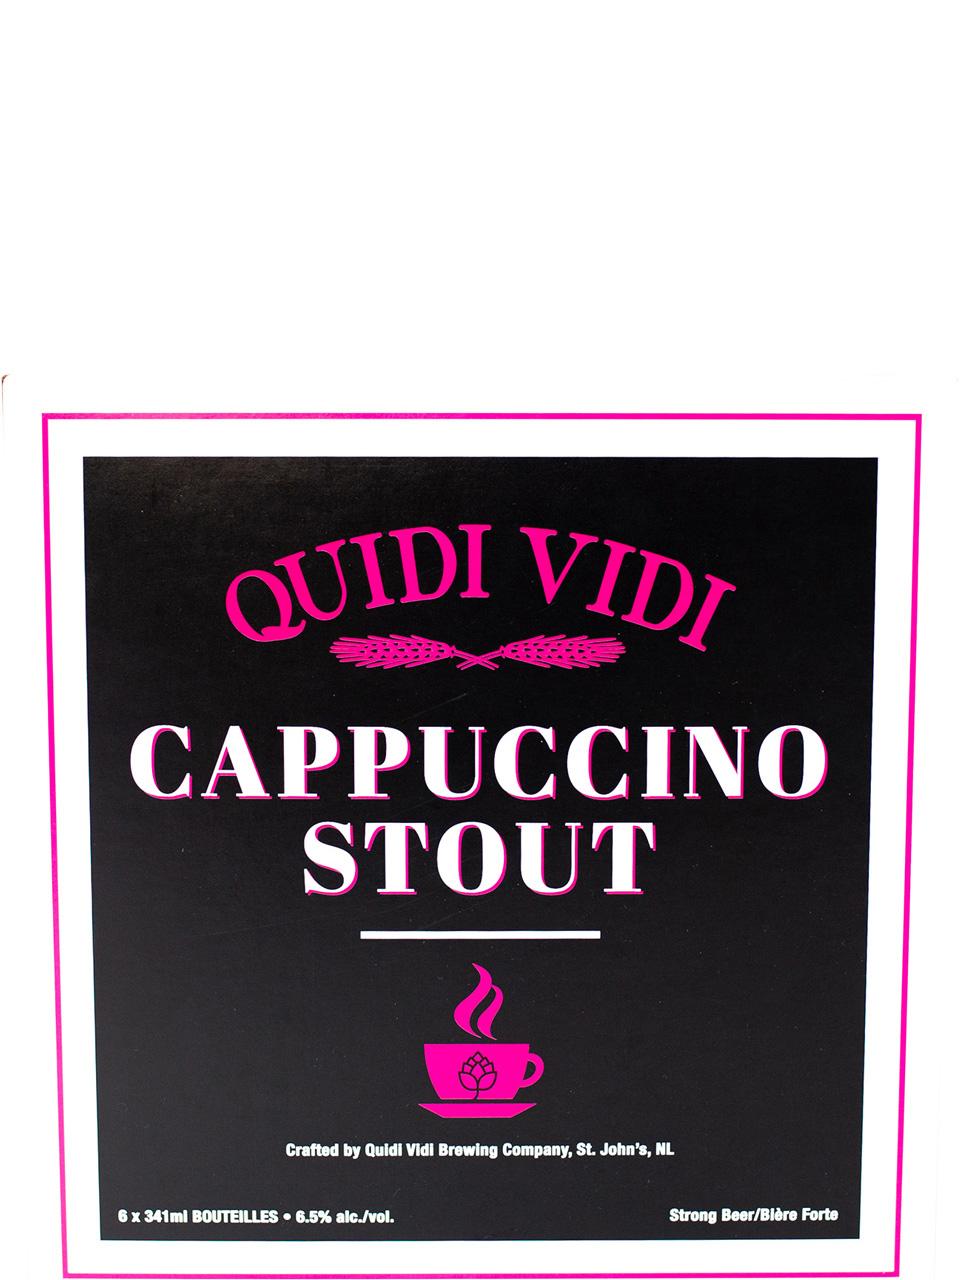 Quidi Vidi Cappuccino Stout 6 Pack Bottles